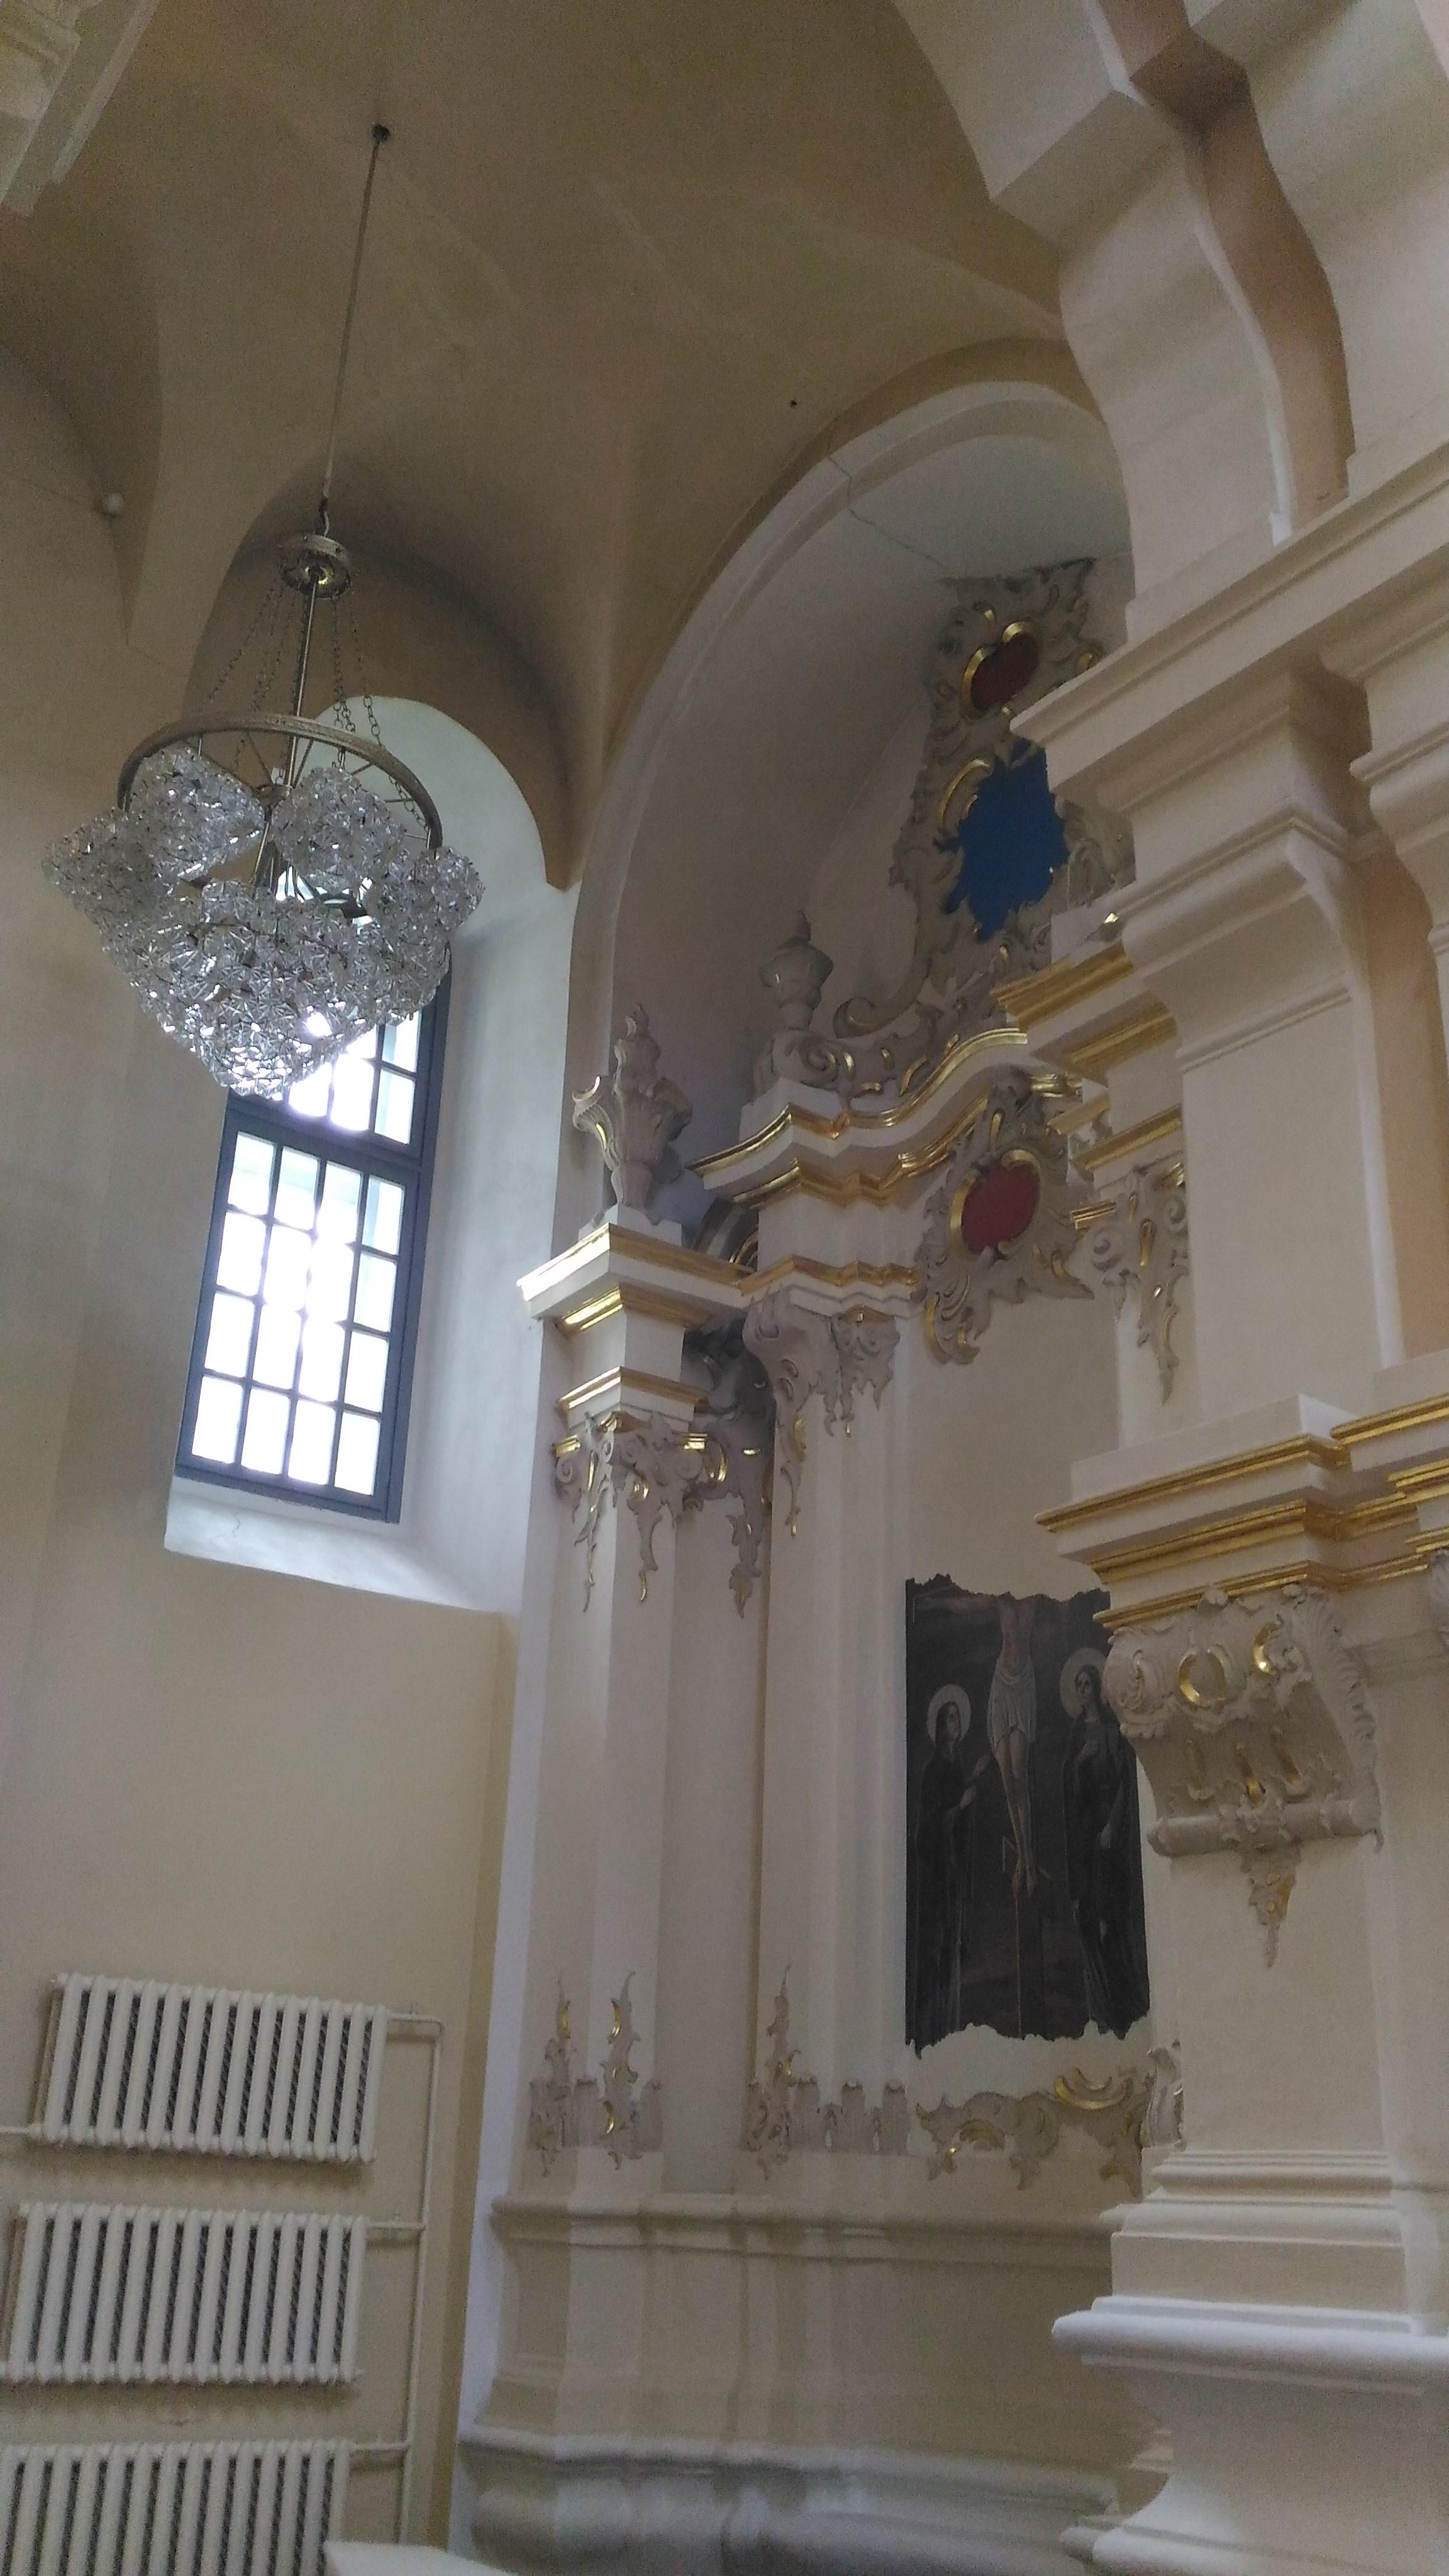 P 20190914 141802 - Софийский собор в Полоцке